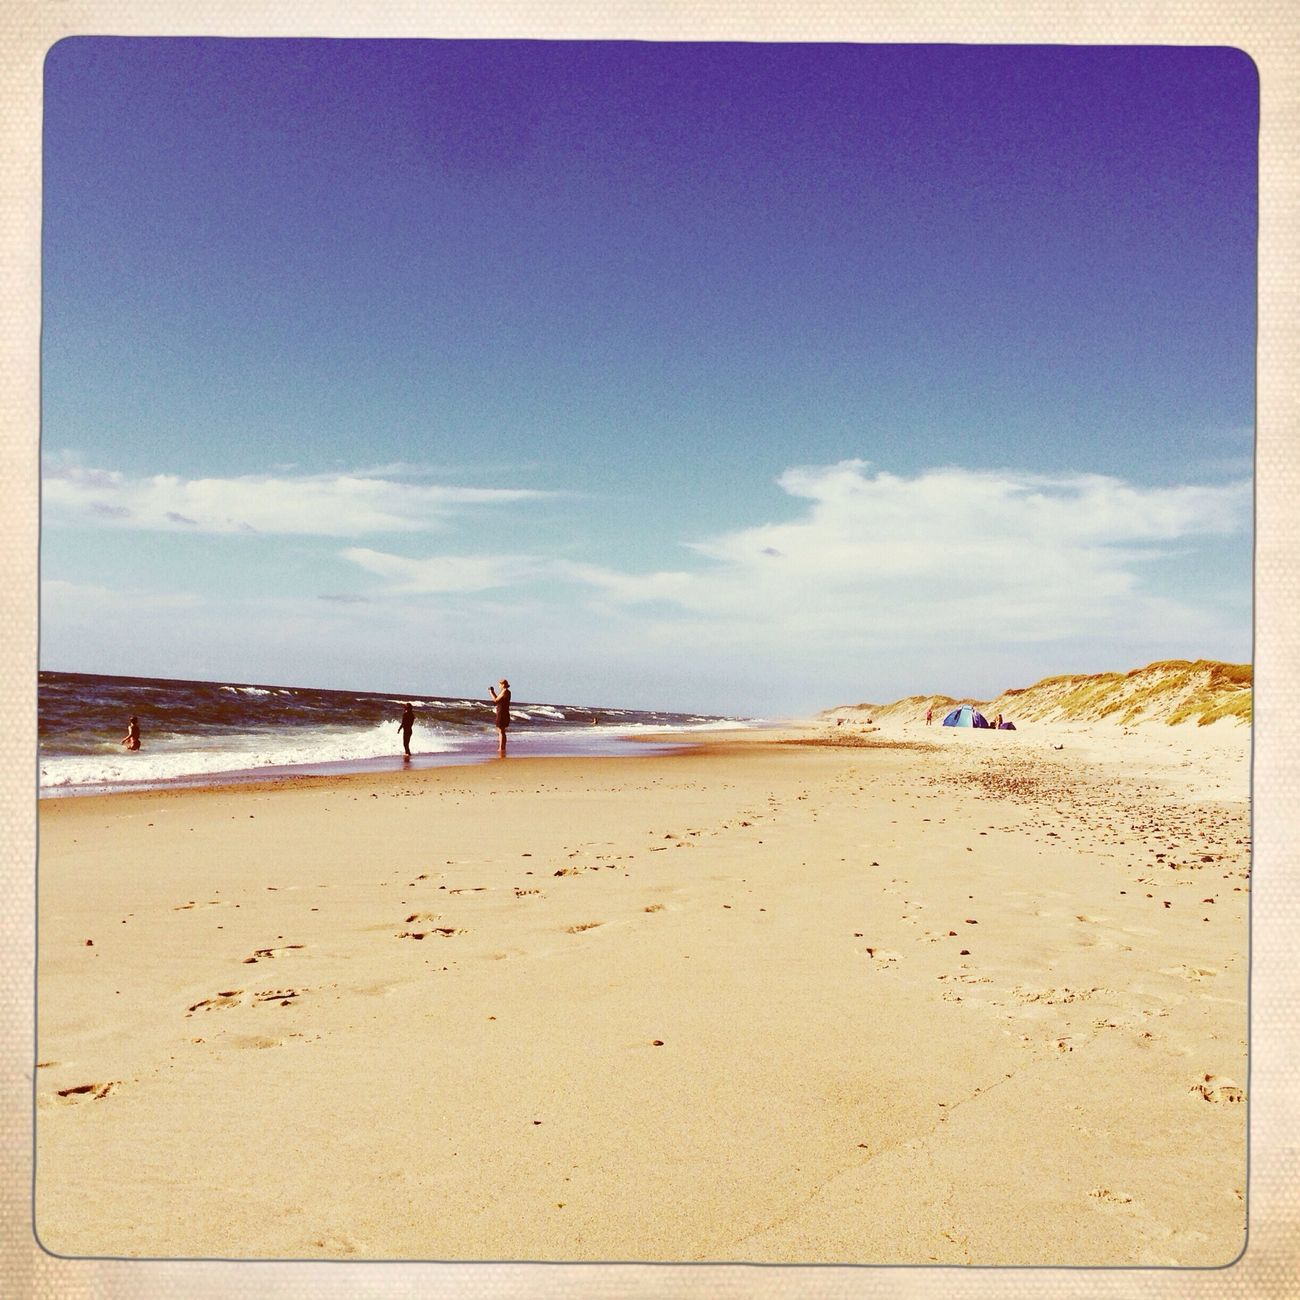 Beach Ocean Relaxing Vacation